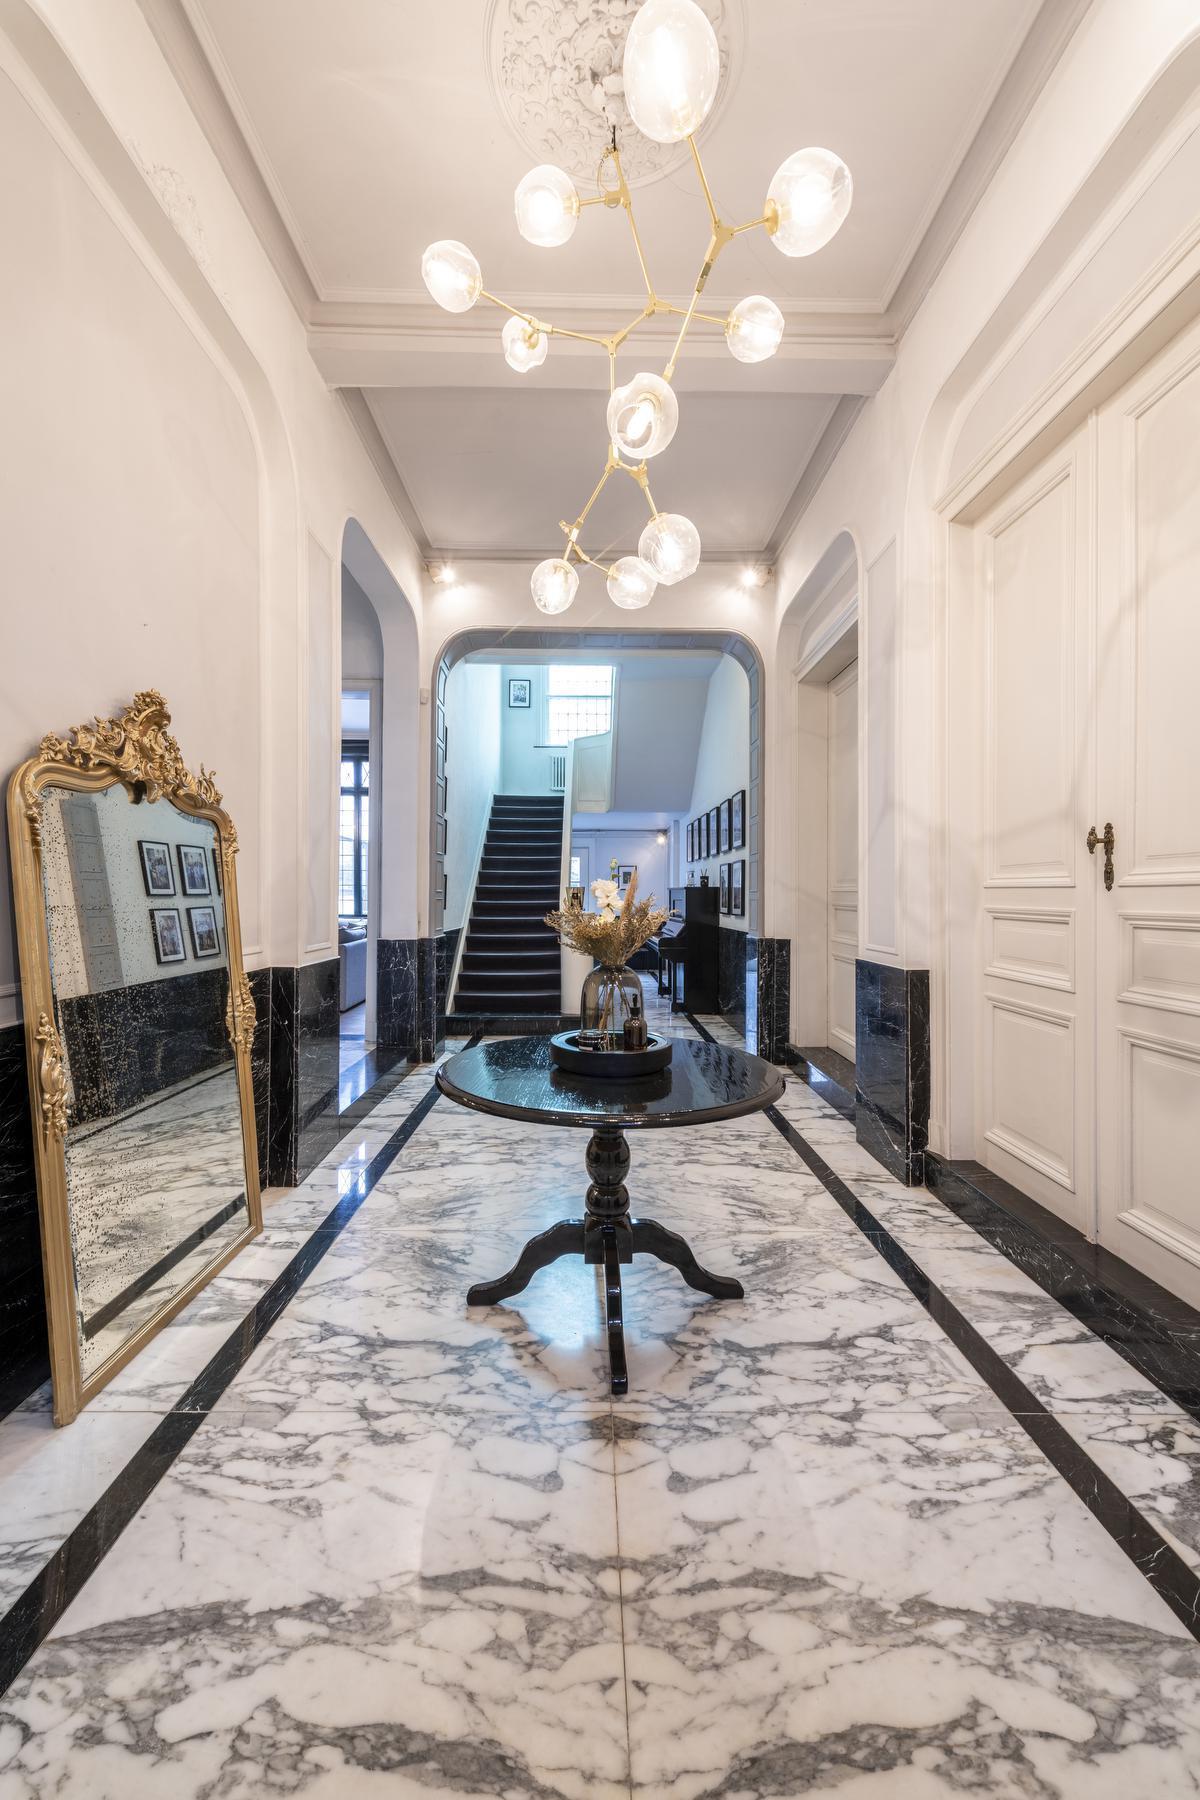 Het mag best allemaal wat weelderig zijn. Mooie marmeren vloeren en prachtig afwerkte plafonds en muren.© Pieter Clicteur